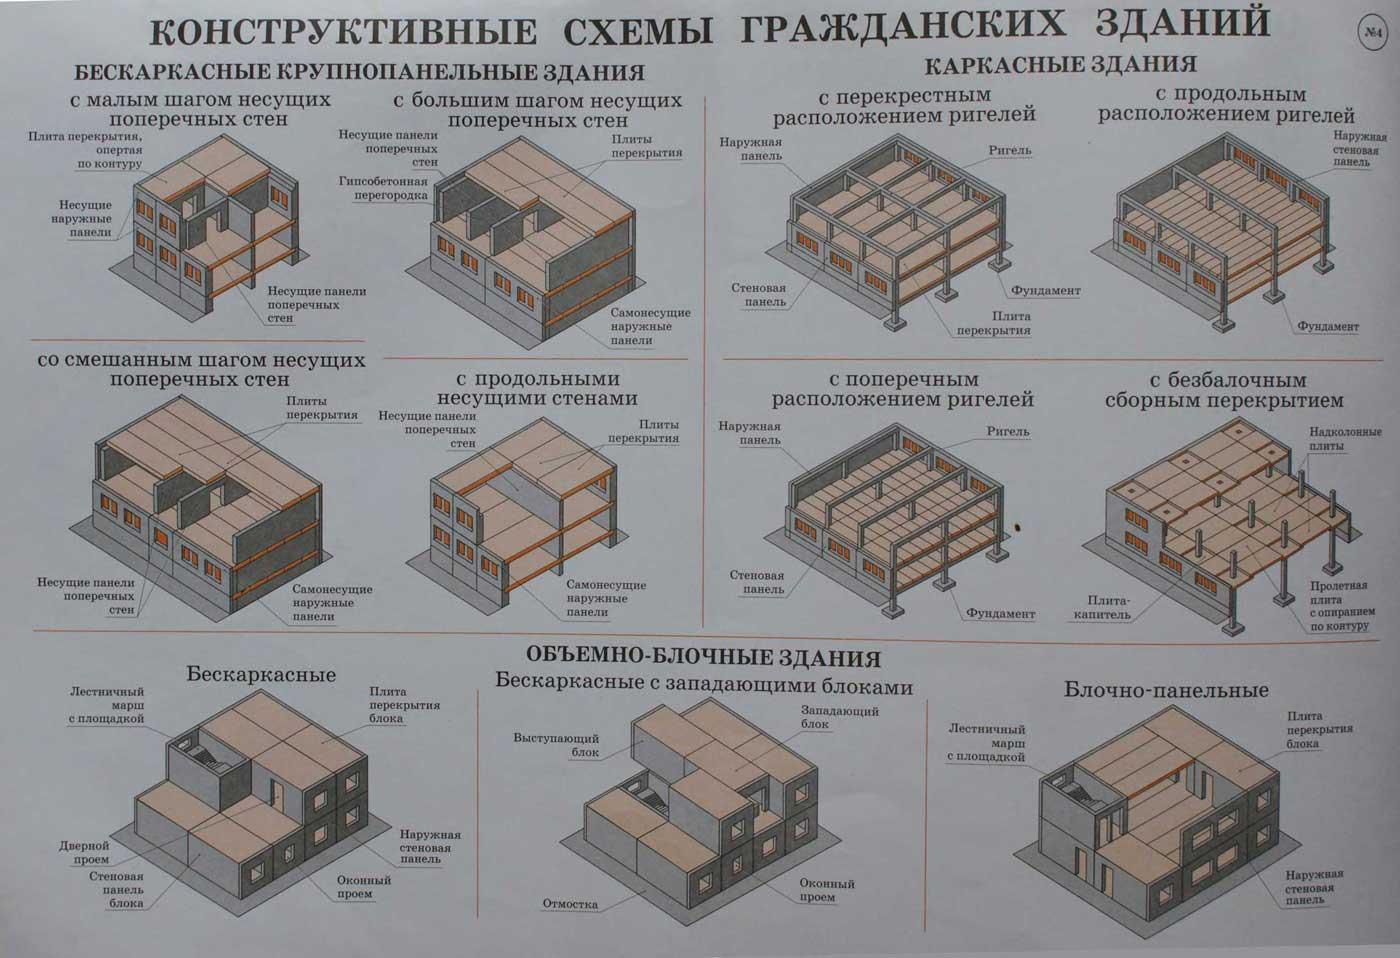 Конструктивные схемы гражданских зданий.  Учебный плакат на тему: Конструкции зданий.